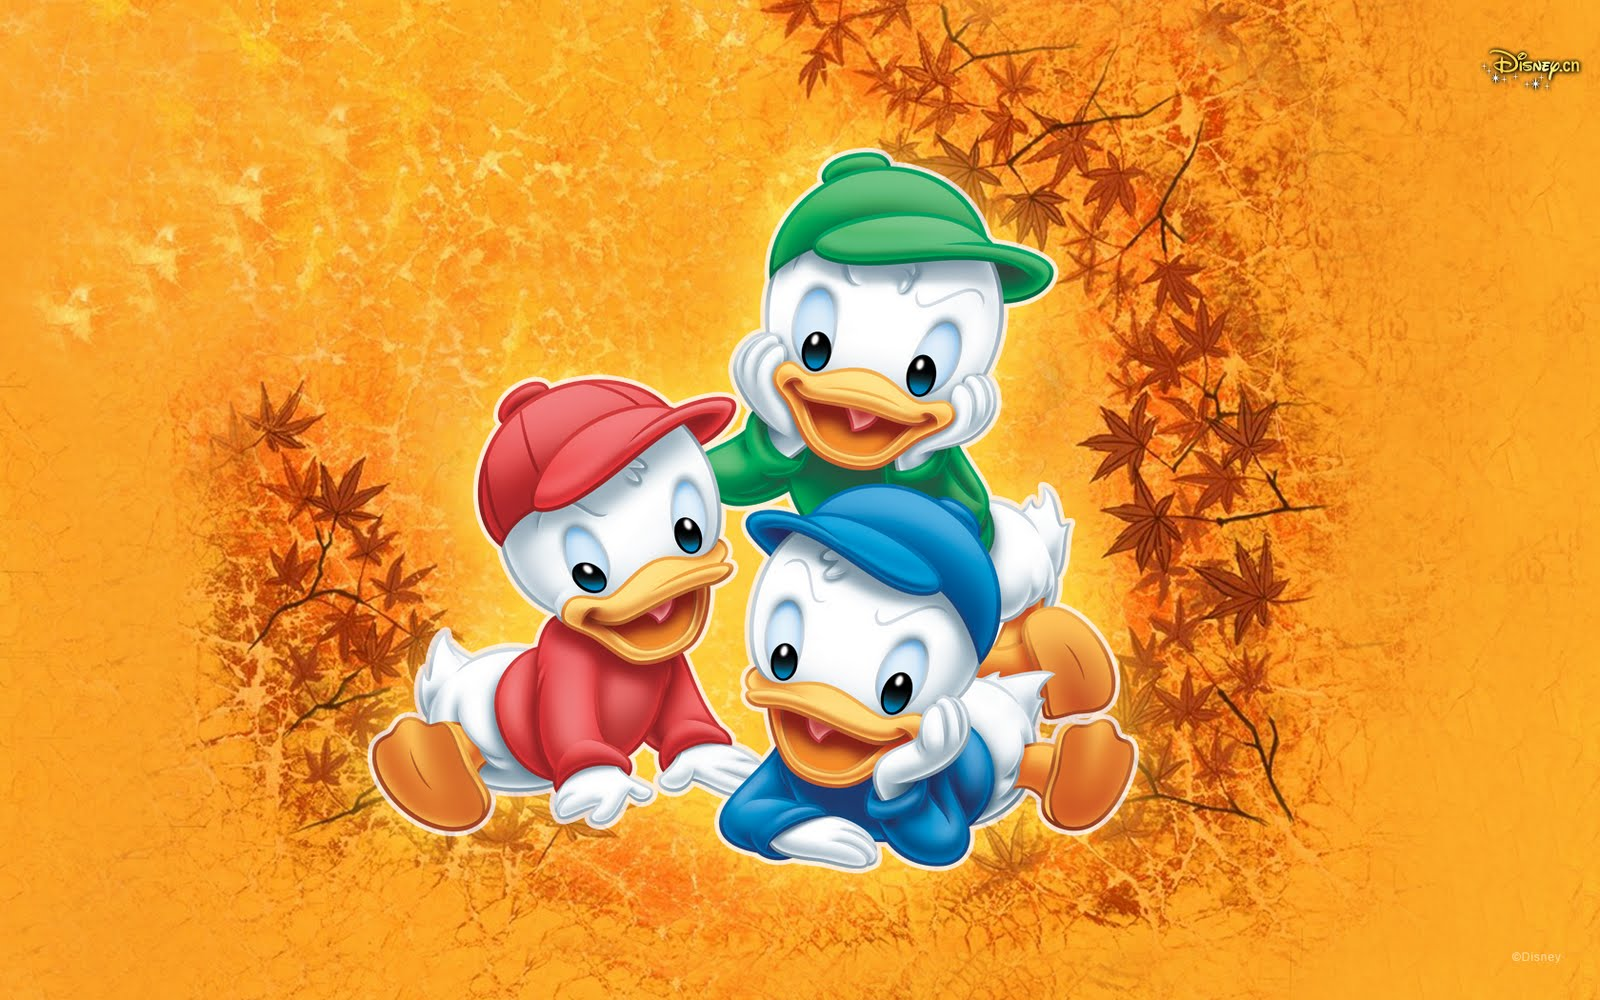 http://1.bp.blogspot.com/_EZ16vWYvHHg/TSPdzRc-owI/AAAAAAAAVsU/CLjZtEVD8Gk/s1600/www.BancodeImagenesGratuitas.com%2B%2528Disney_1%2529.jpg